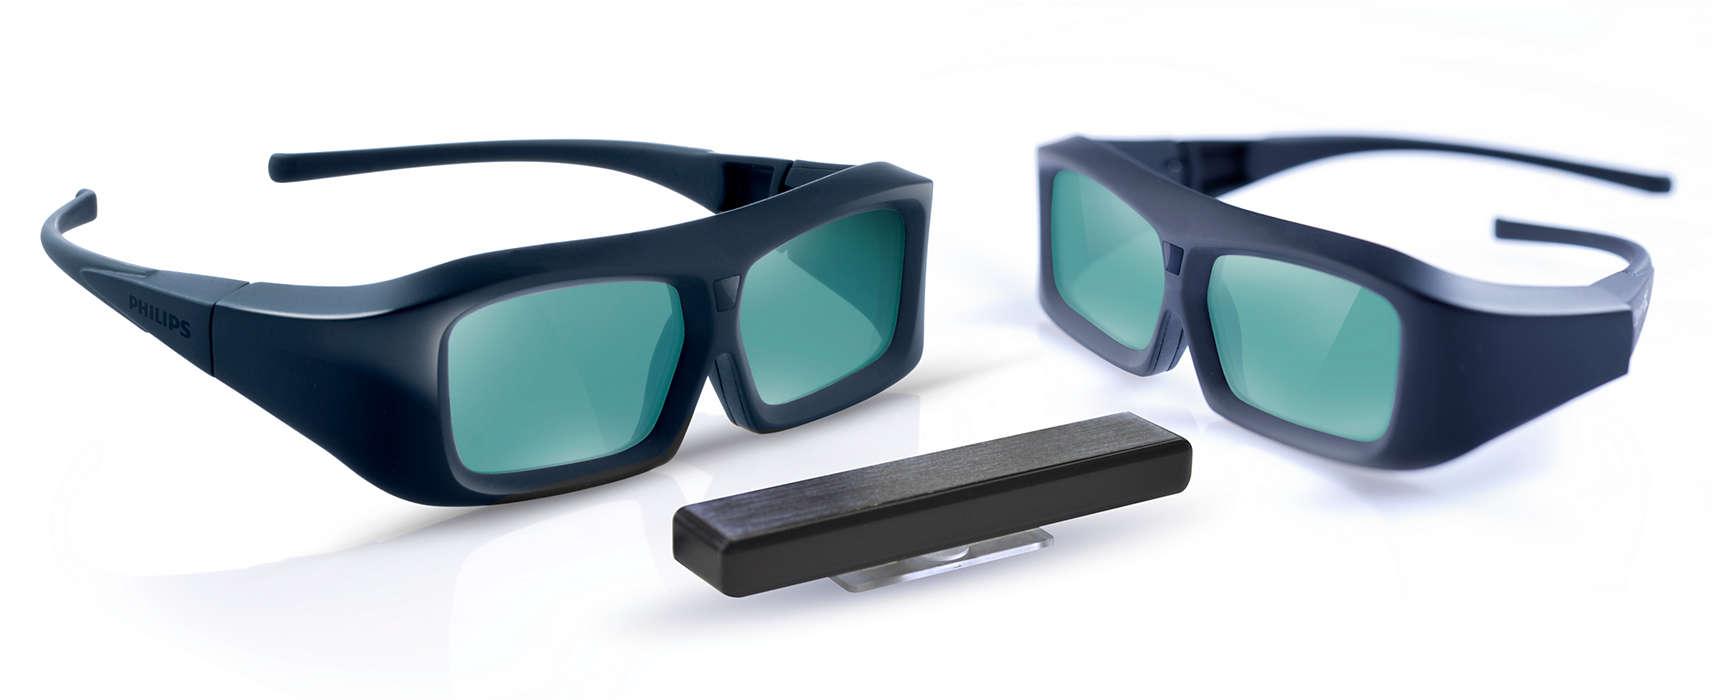 Απολαύστε 3D στην τηλεόραση Philips 3D Ready